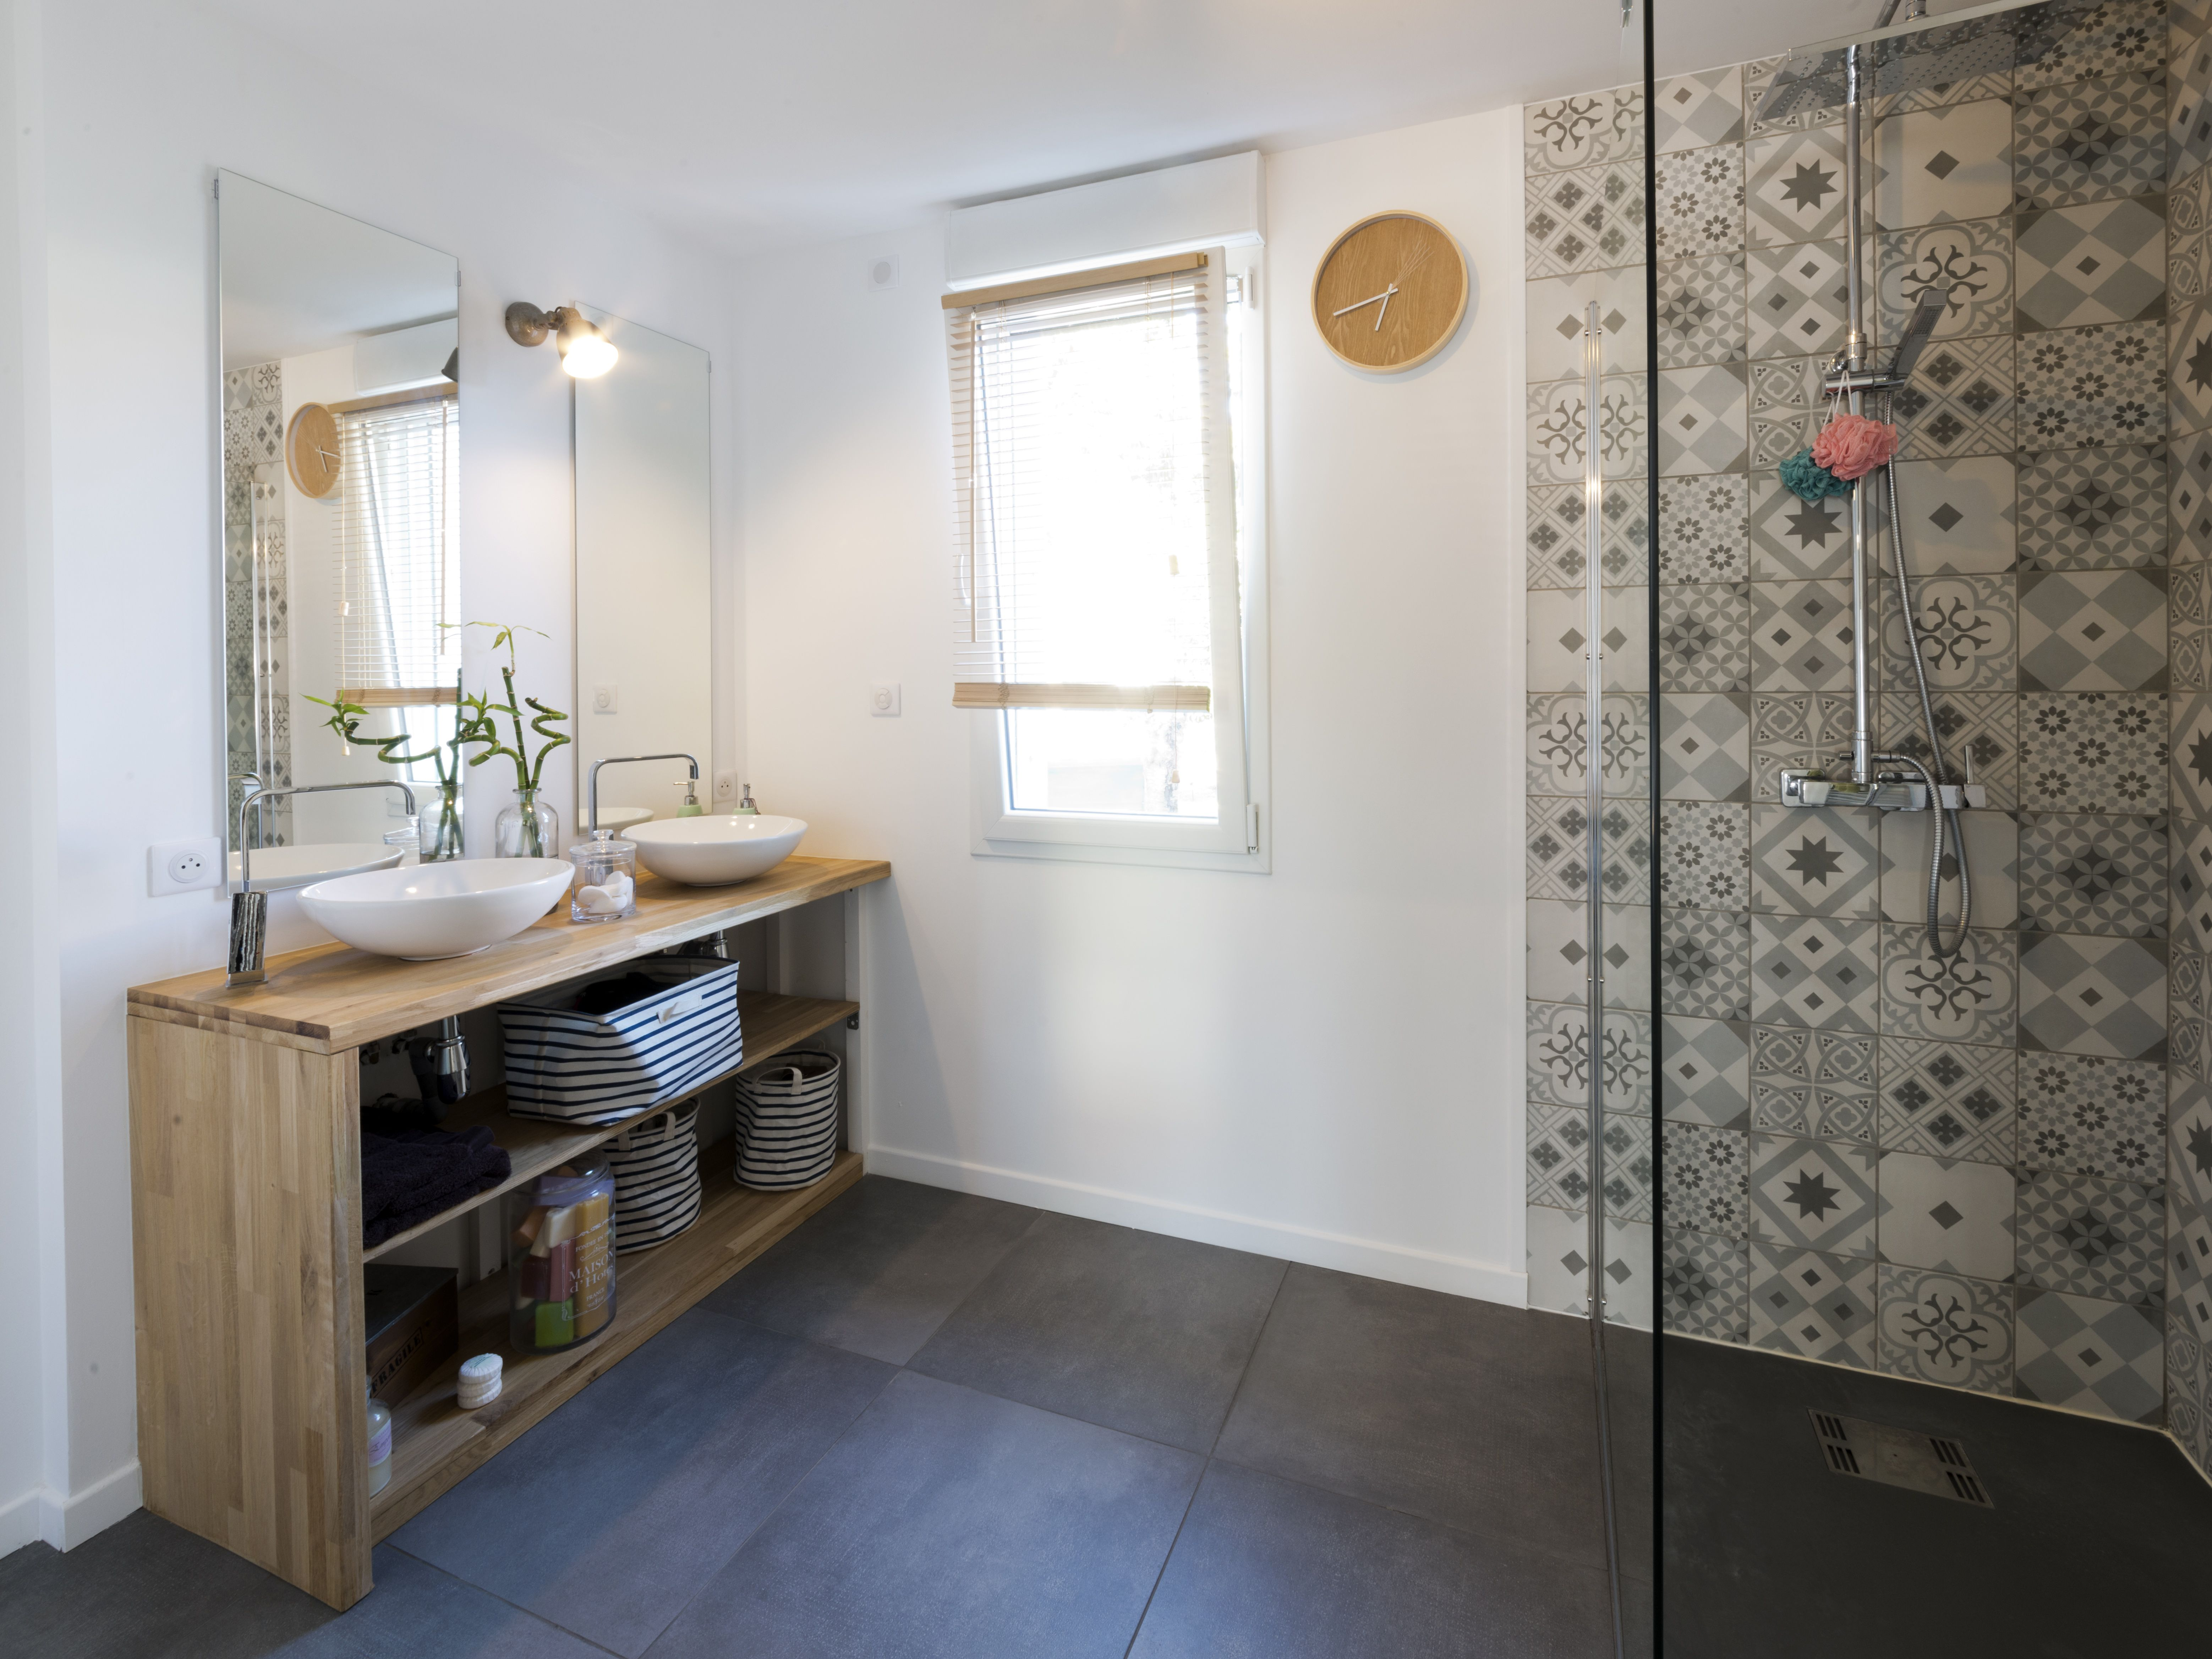 une salle de bains pour les parents avec une douche l 39 italienne des carreaux salle de bain. Black Bedroom Furniture Sets. Home Design Ideas